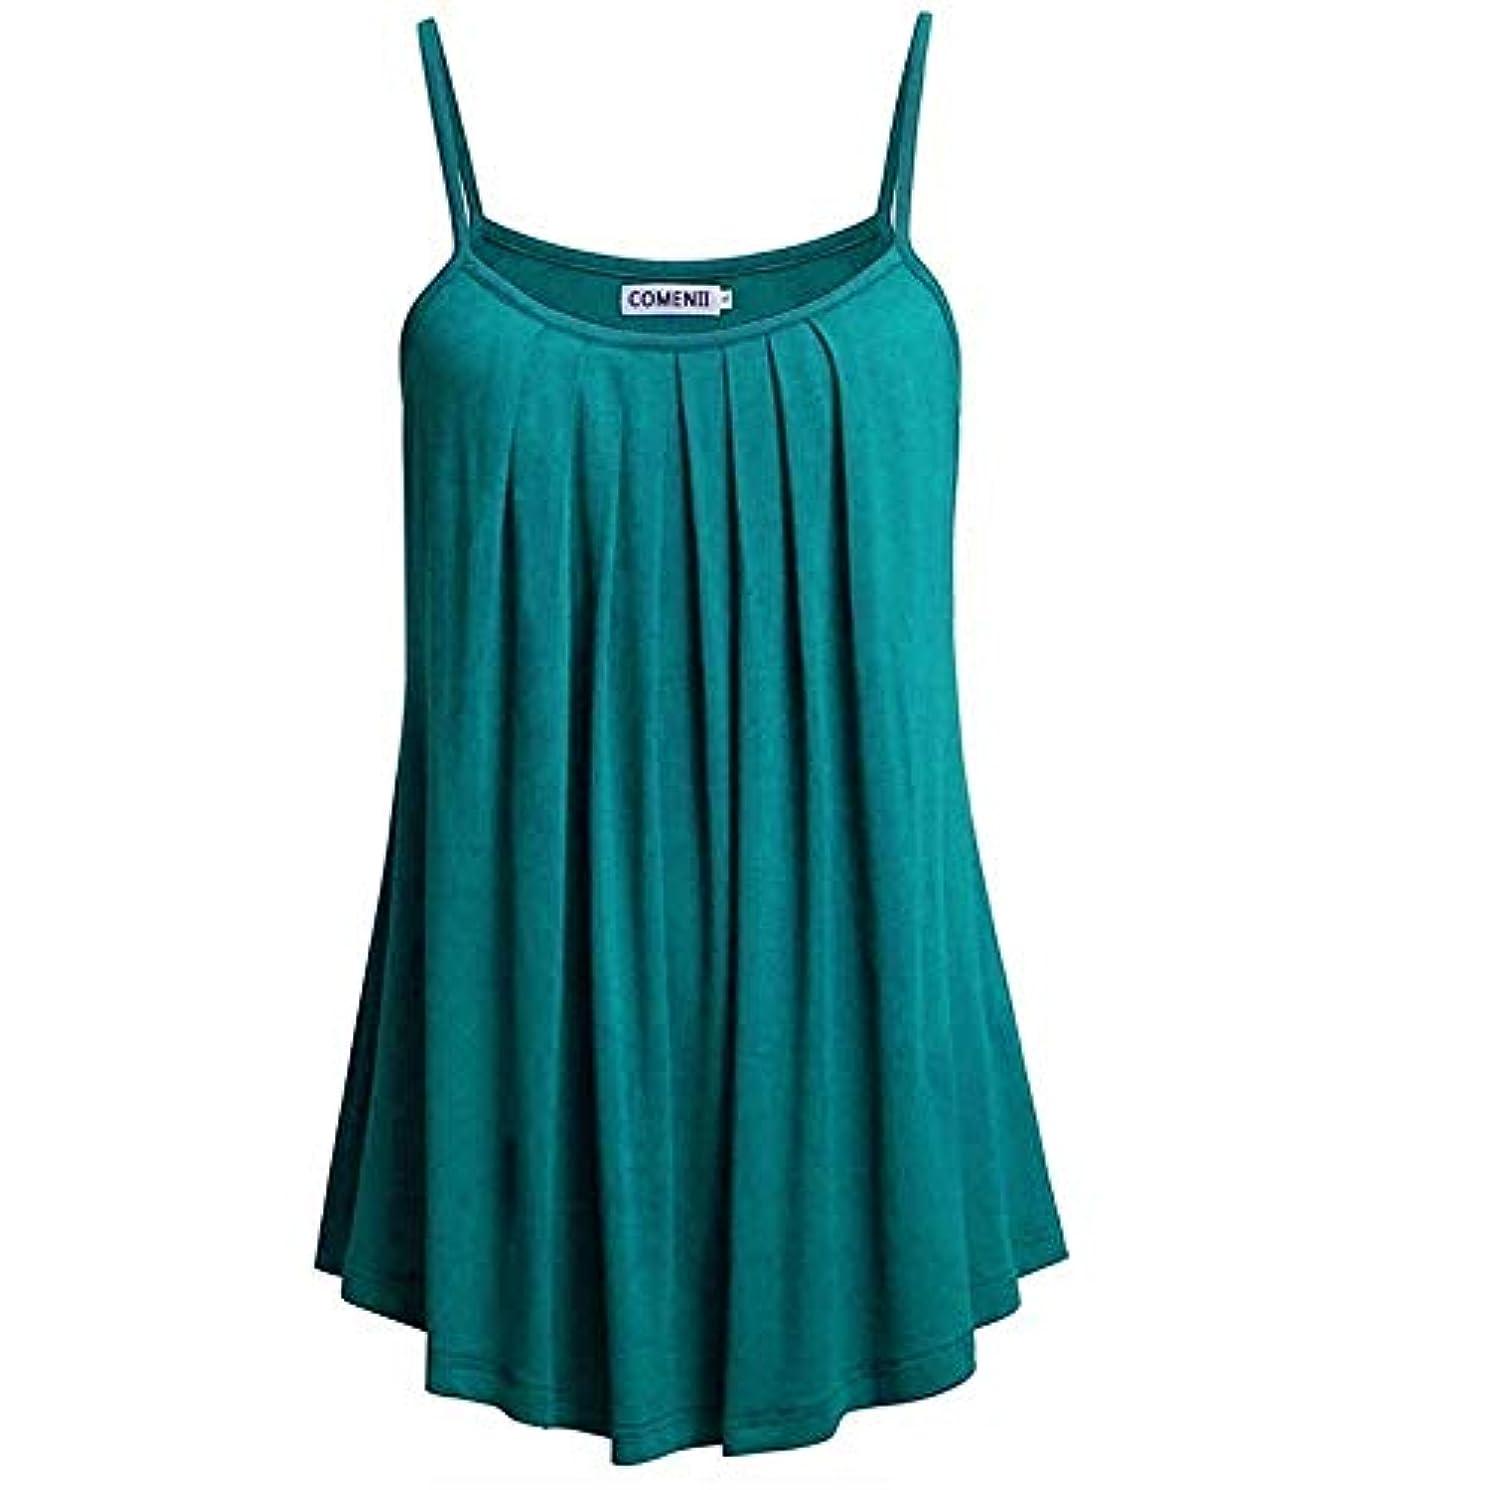 反抗硫黄耐えられるMIFAN ノースリーブトップス、タンクトップ、プラスサイズトップ、サマートップス、女性ブラウス、カジュアルシャツ、トップス&Tシャツ